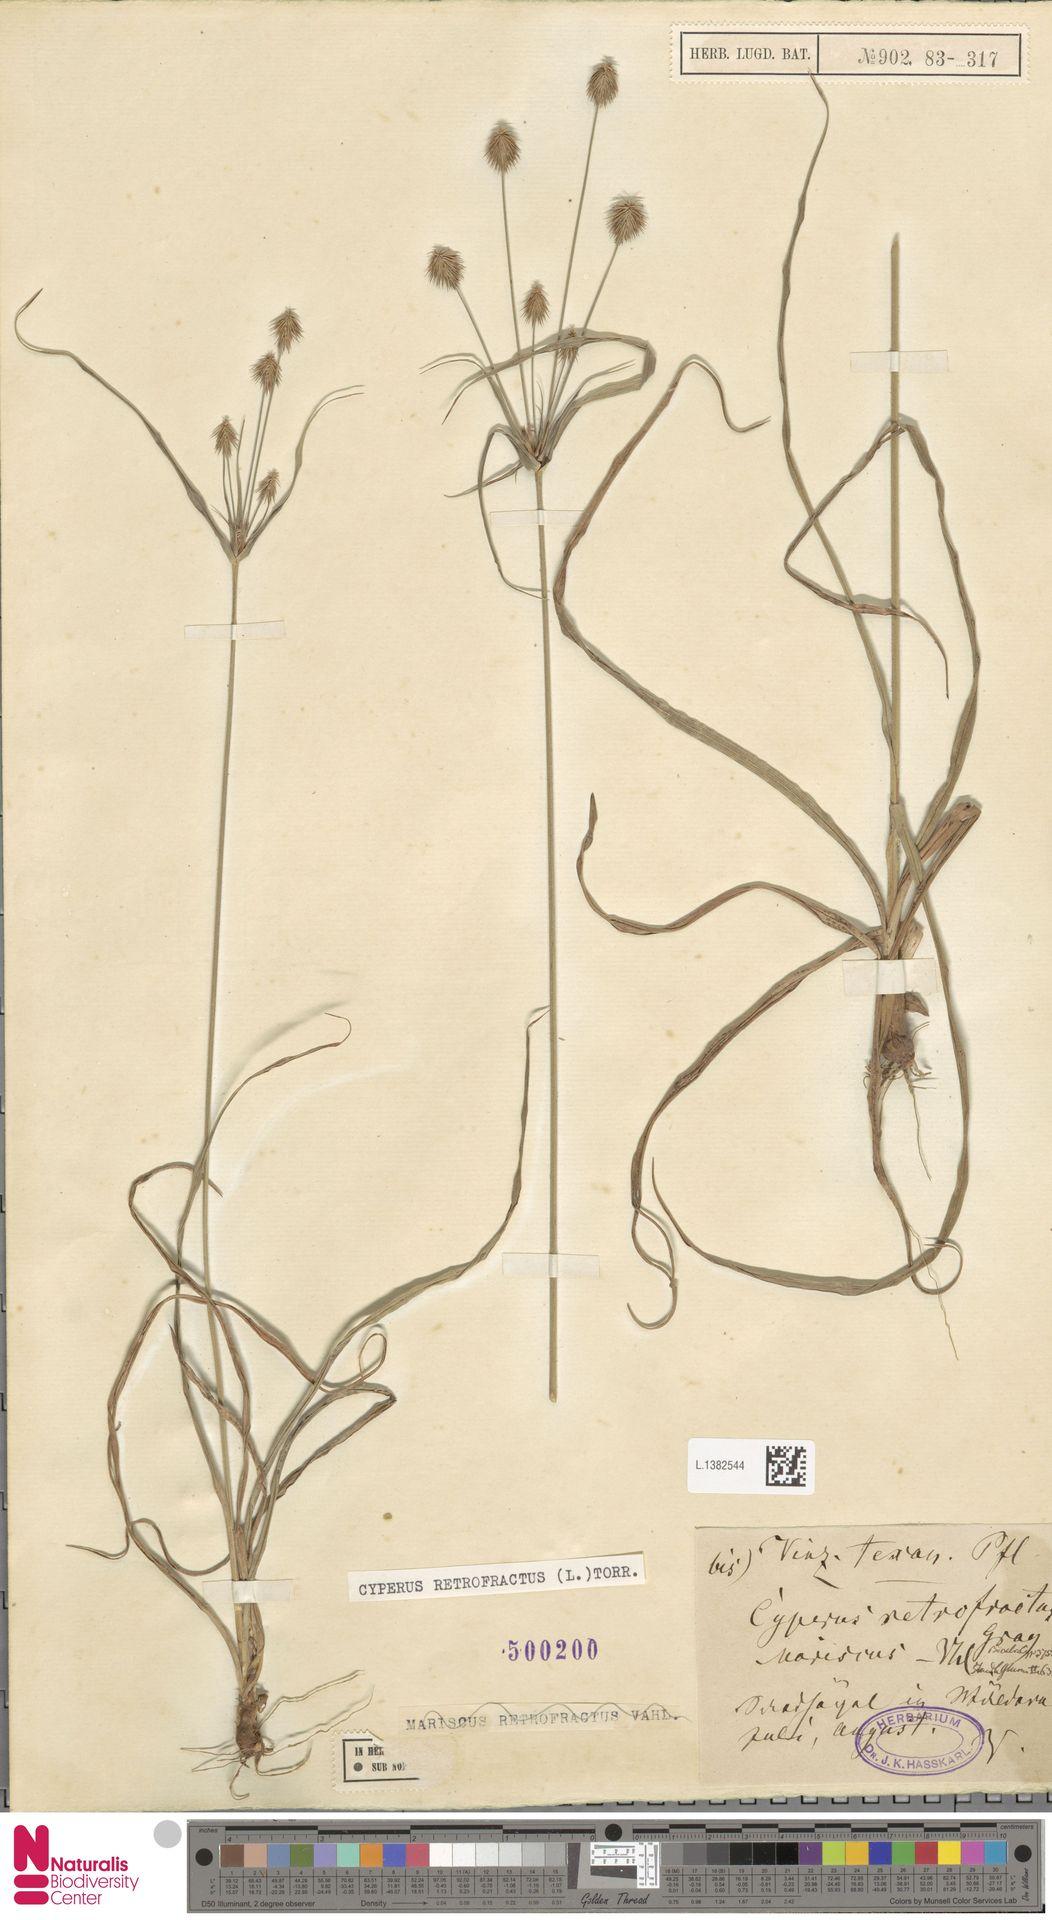 L.1382544 | Cyperus retrofractus (L.) Torr.